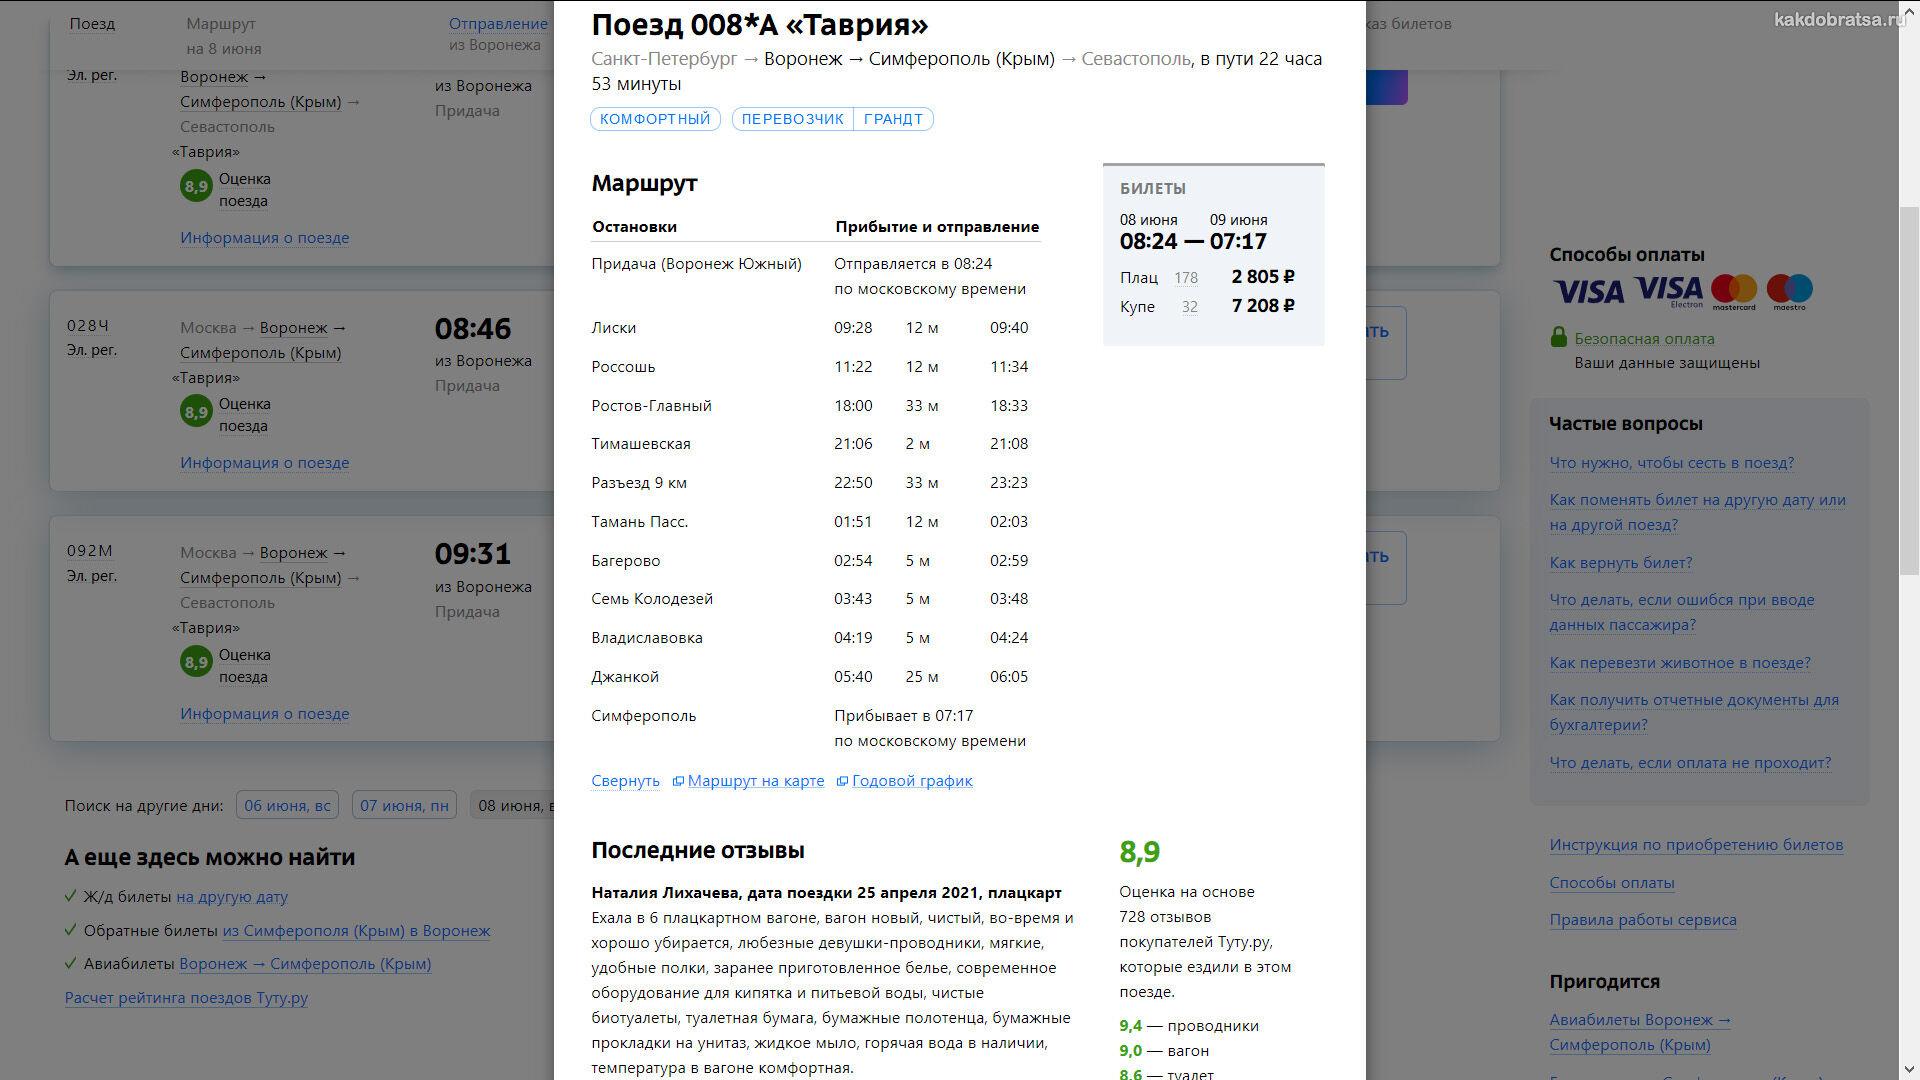 Расписание поезда из Воронежа в Крым